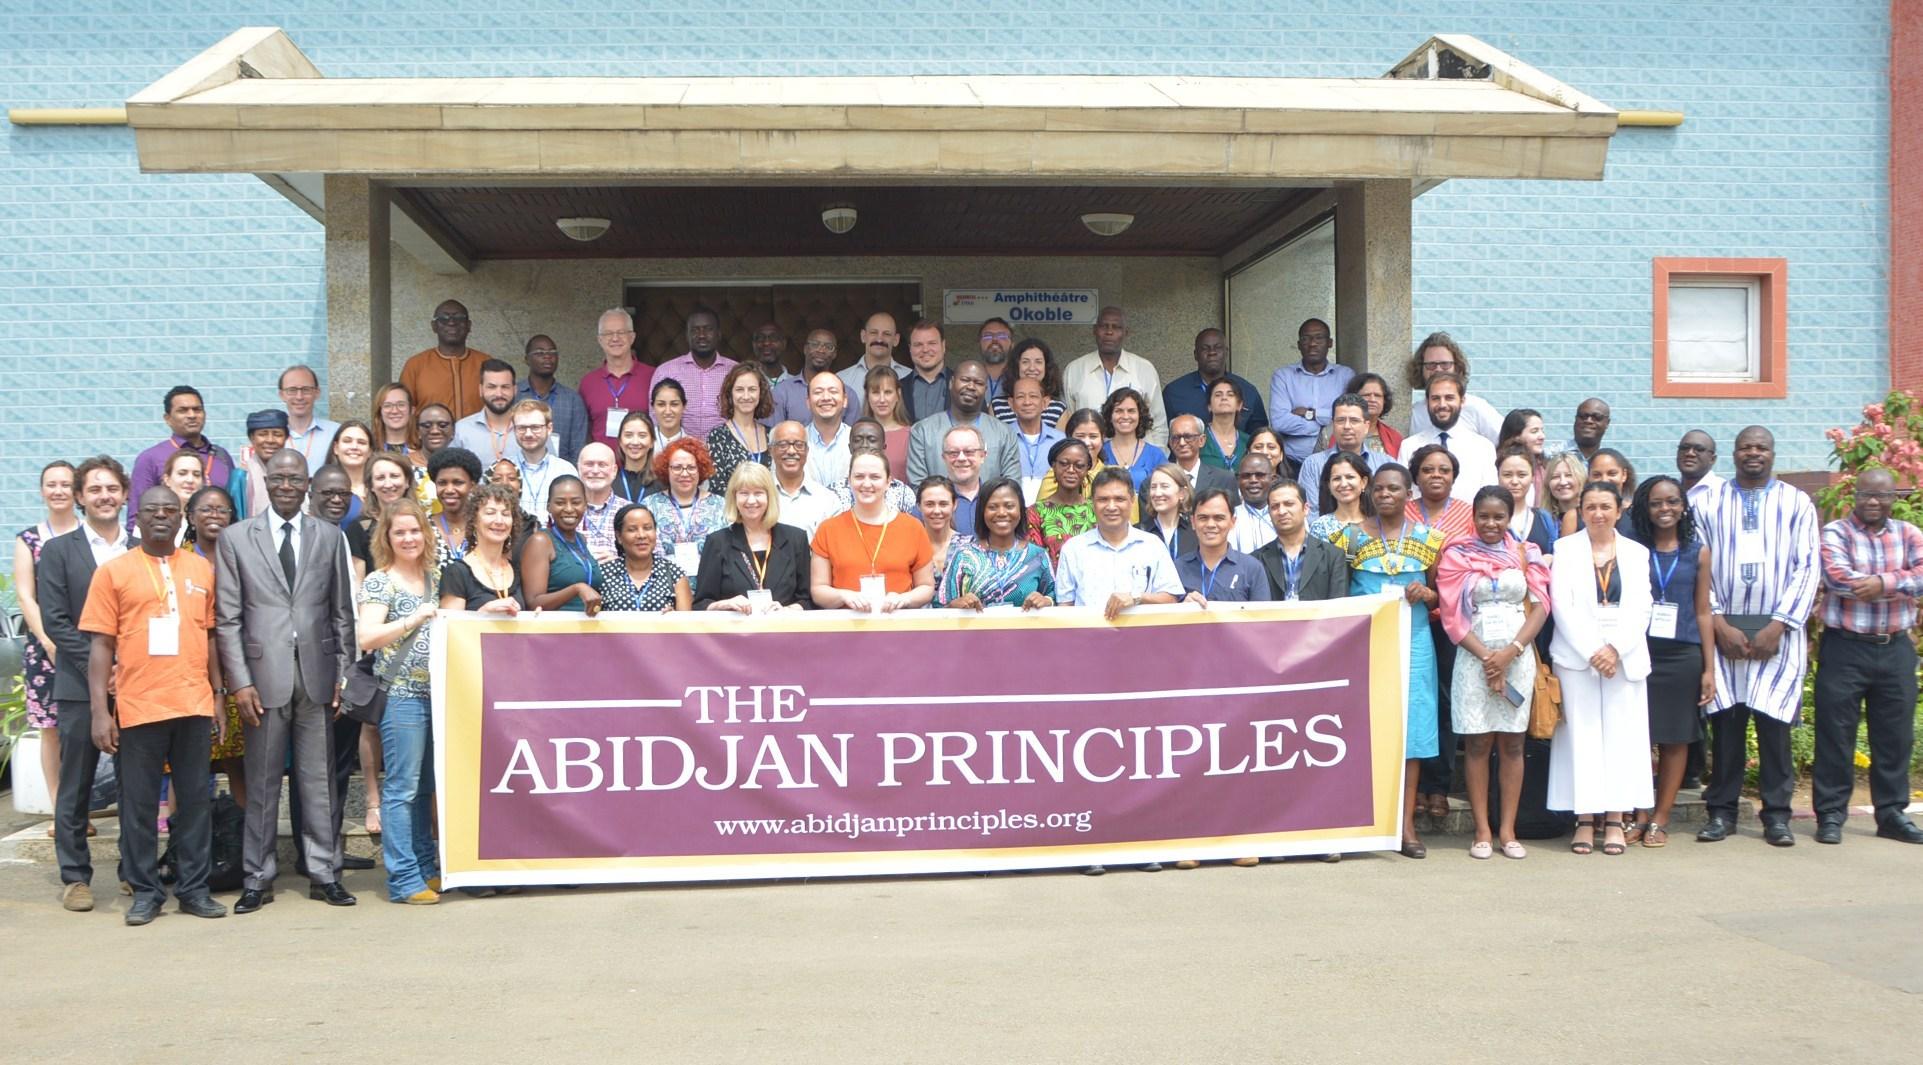 SIGNATAIREs - En savoir plus sur les membres du comité de rédaction et les signataires des Principes d'Abidjan.